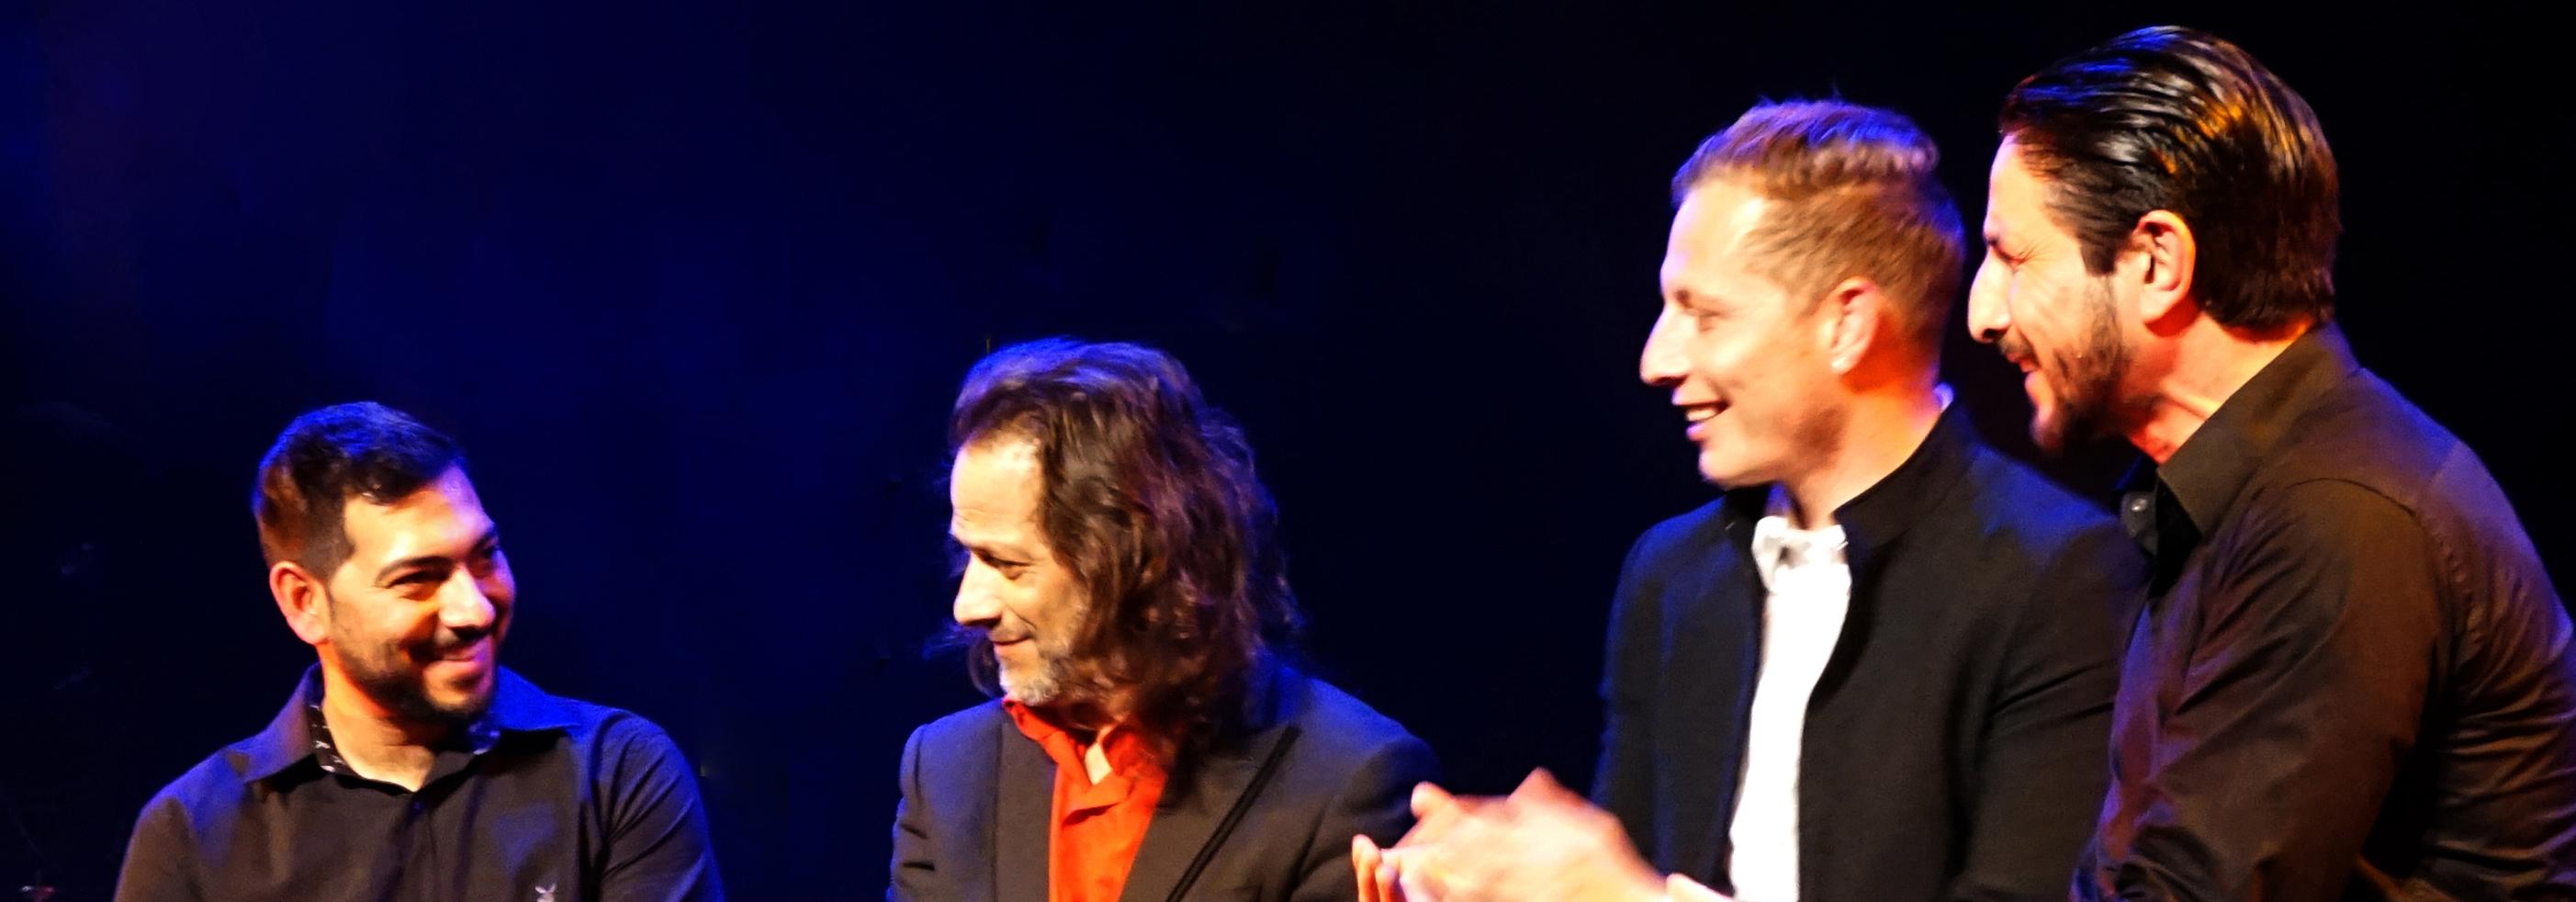 Photo représentant 4 musiciens sur un fond noir, claquant des mains sur des rythmes flamenco